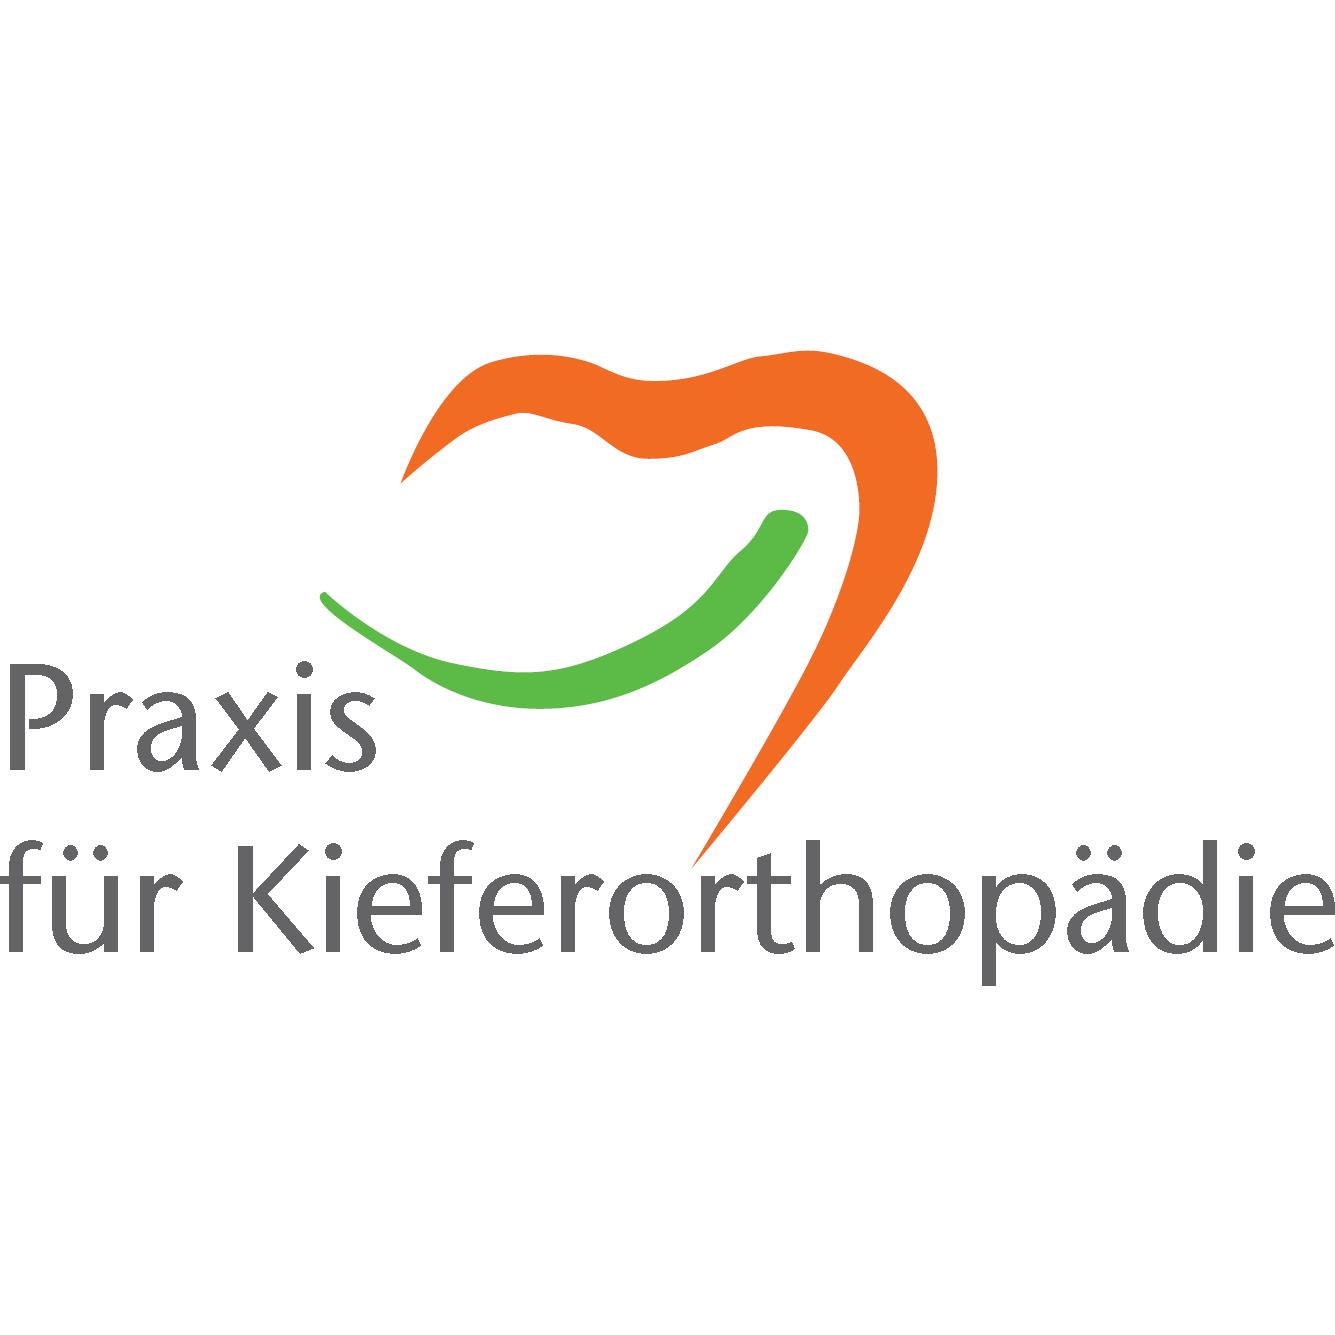 Bild zu Willersinn Ute Dr. MSc Kieferorthopädie, Praxis für Kieferorthopädie in Passau